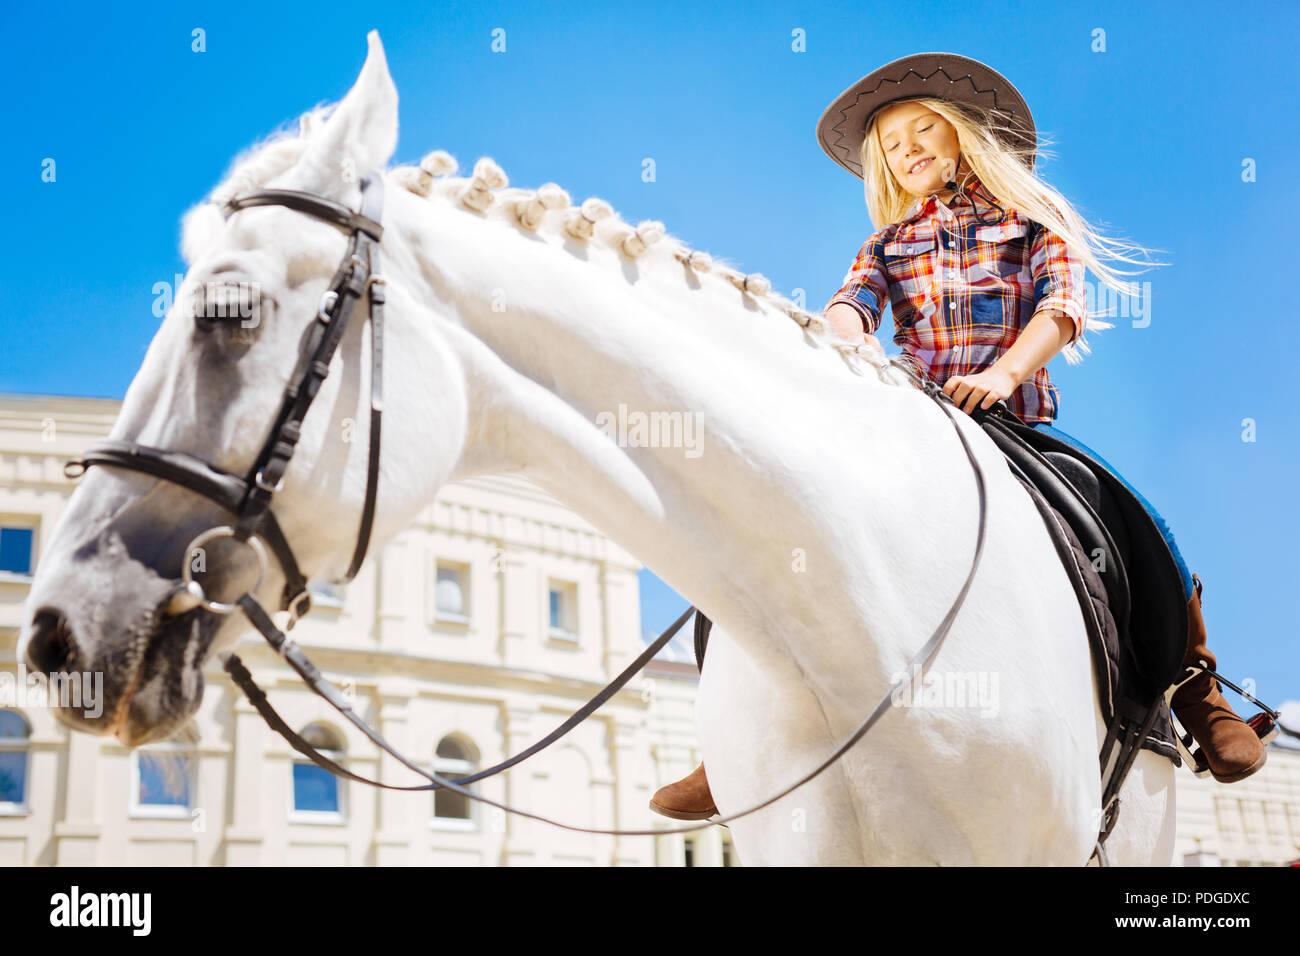 Schöne Schülerin umarmen weißes Pferd auf ihm sitzt Stockbild